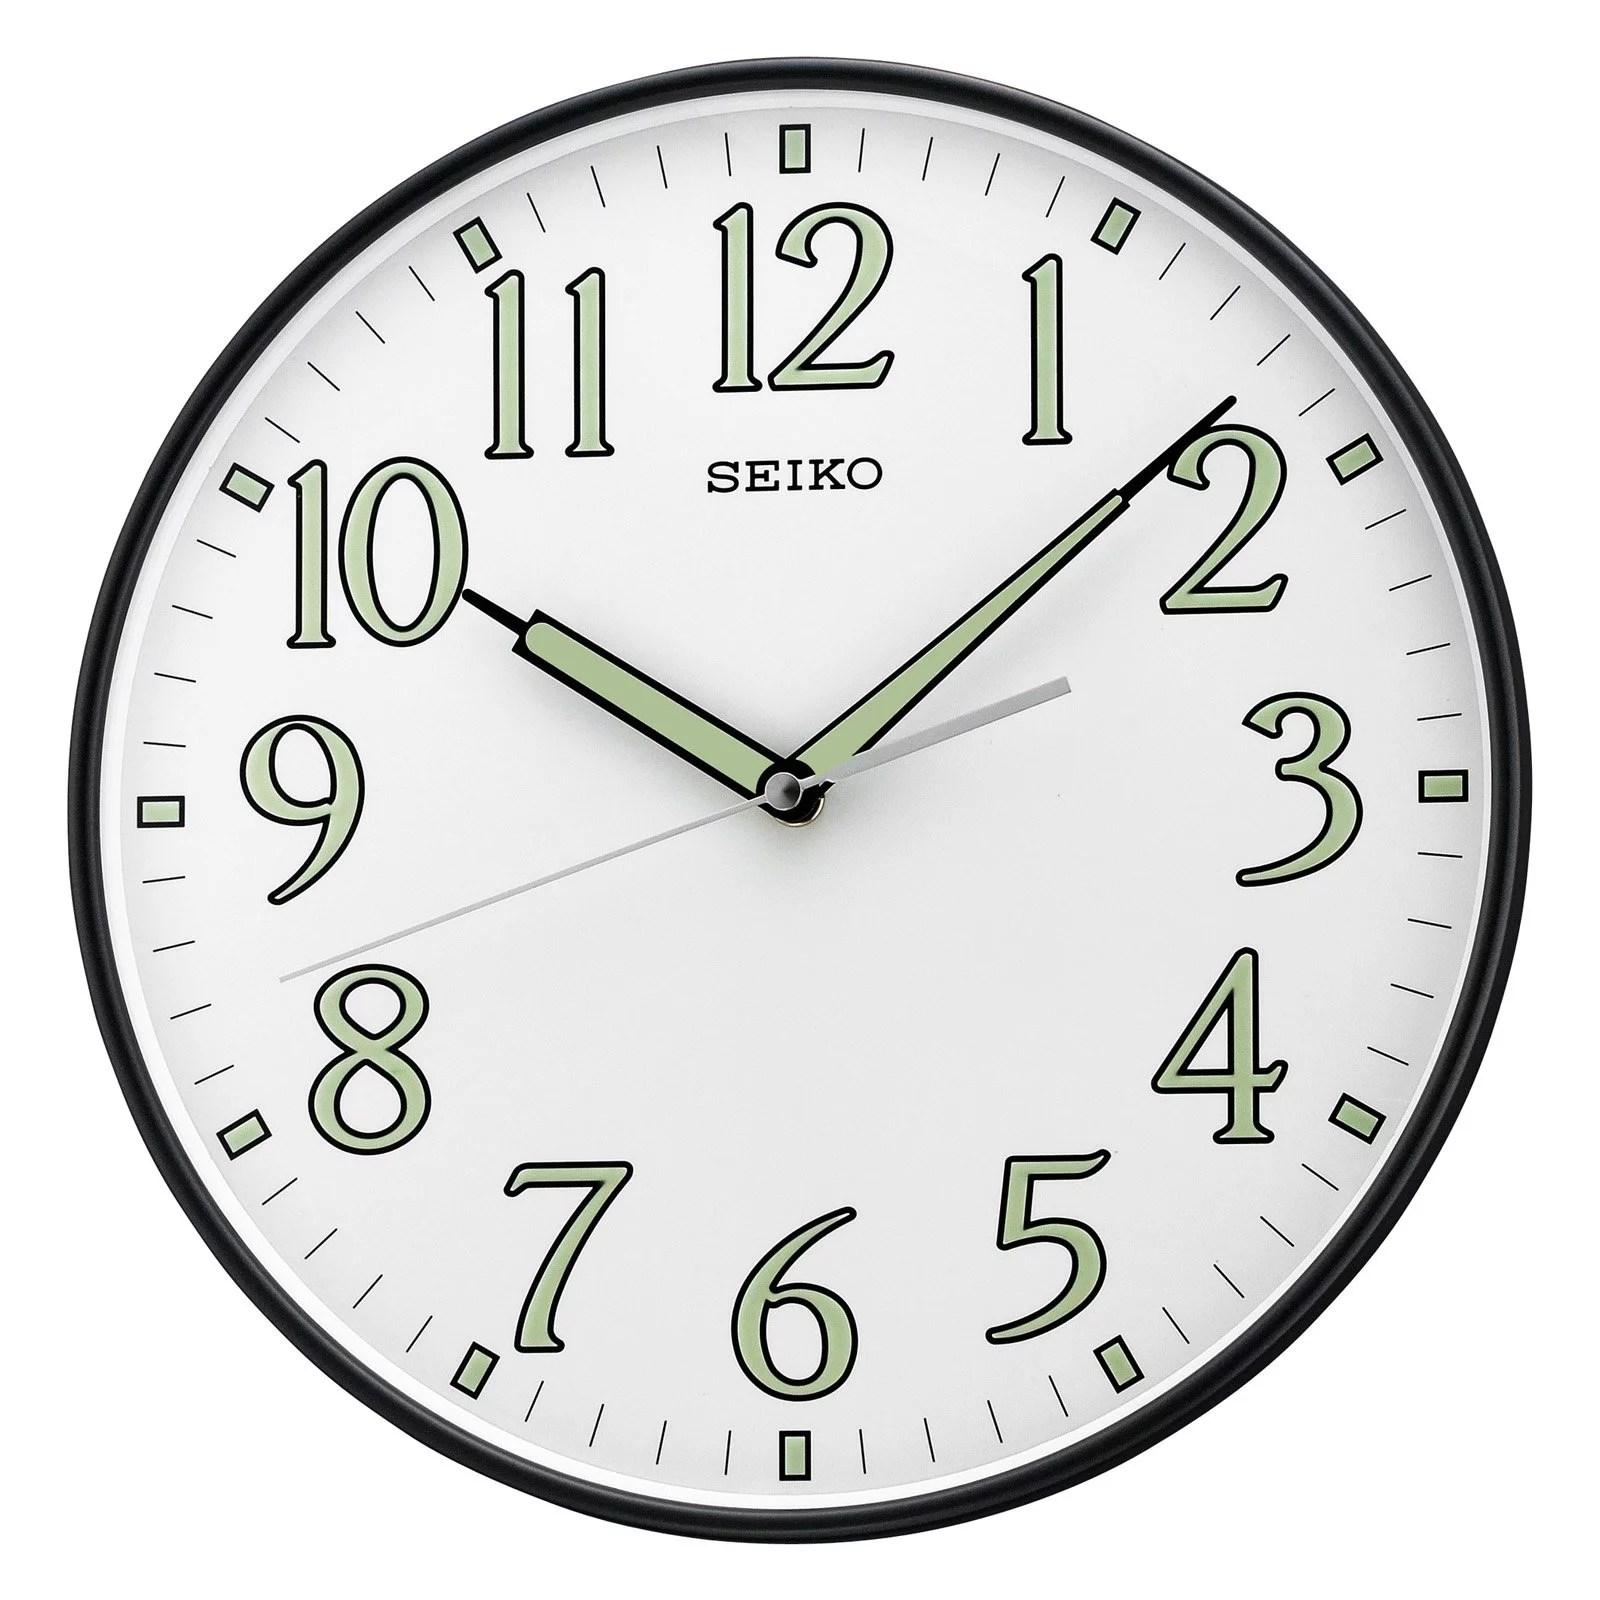 Fullsize Of Wall Clocks For Office